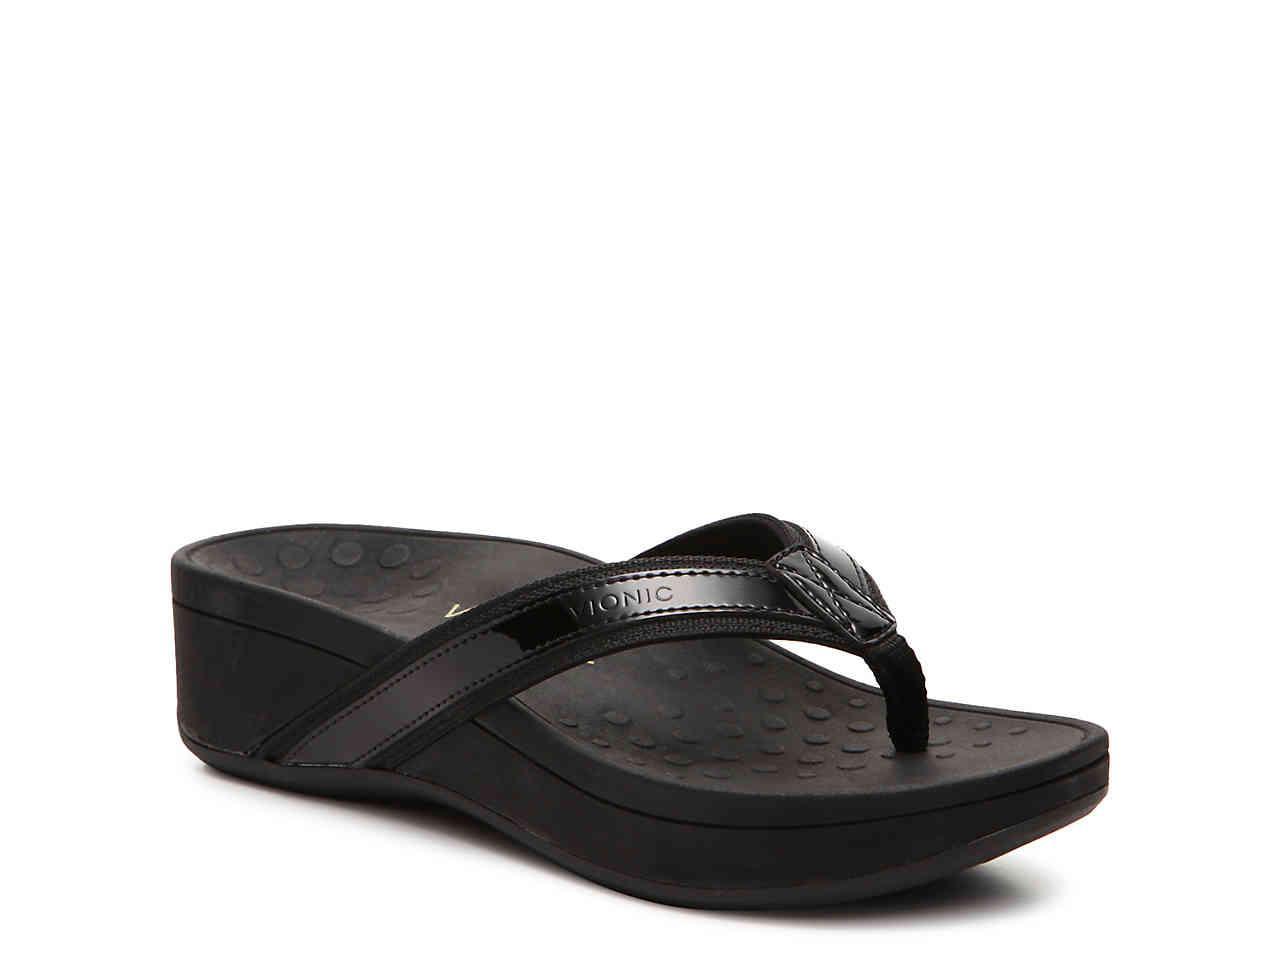 37430971b59f3 Lyst - Vionic High Tide Wedge Sandal in Black